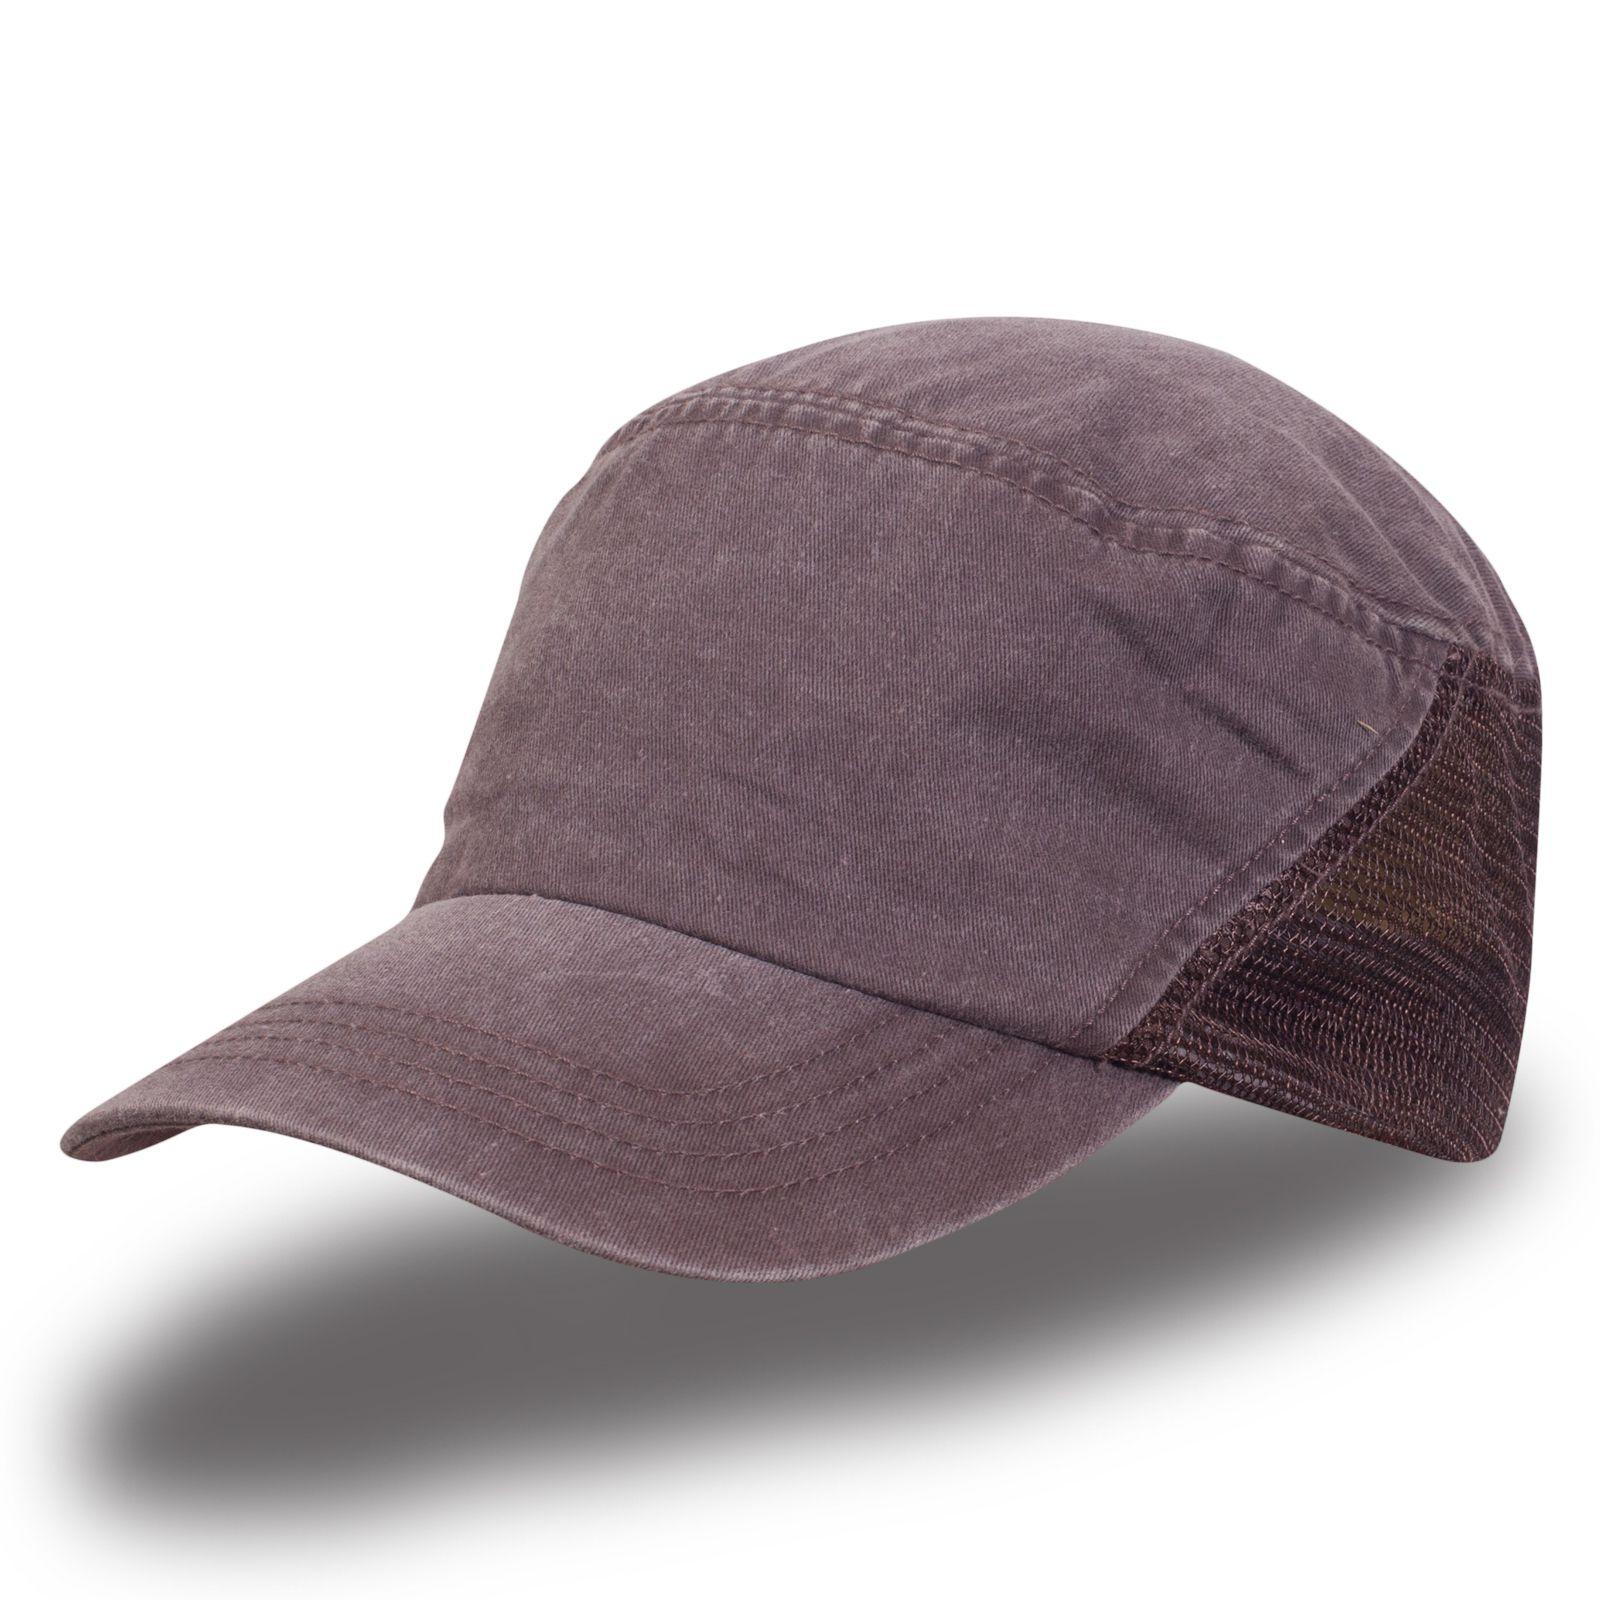 Винтажная кепка с сеткой - купить в интернет-магазине с доставкой